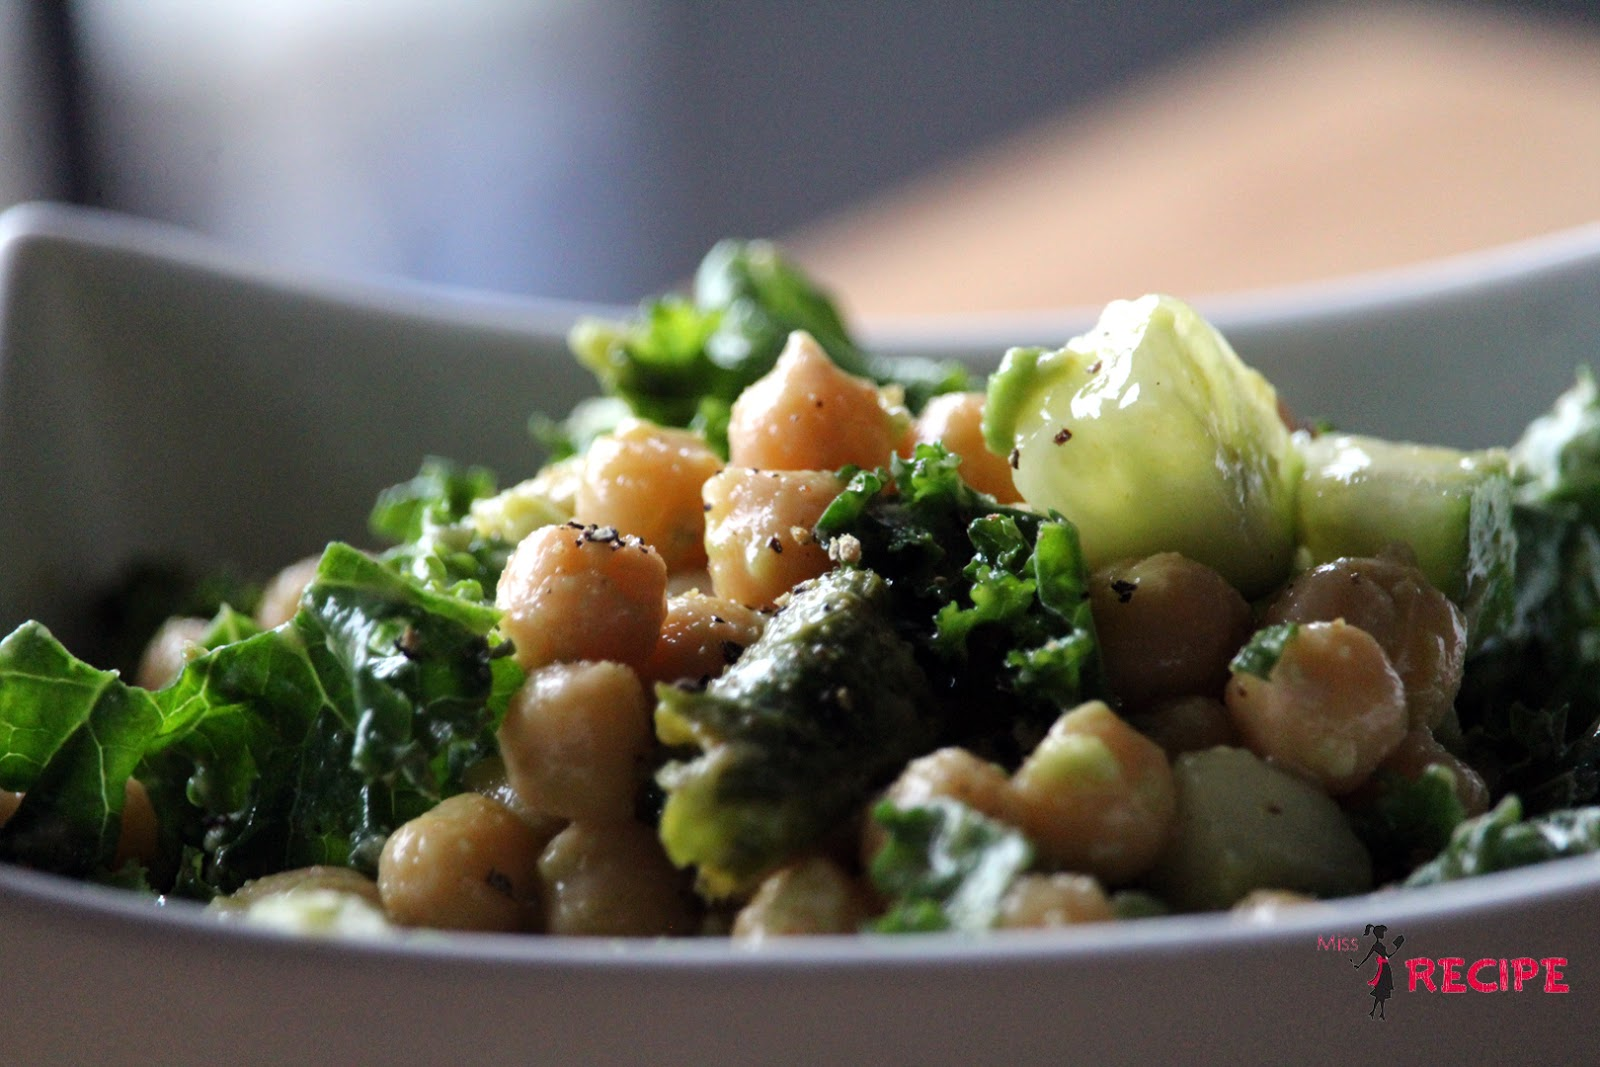 Salade de kale, pois chiches et avocat - Kale, chickpeas..